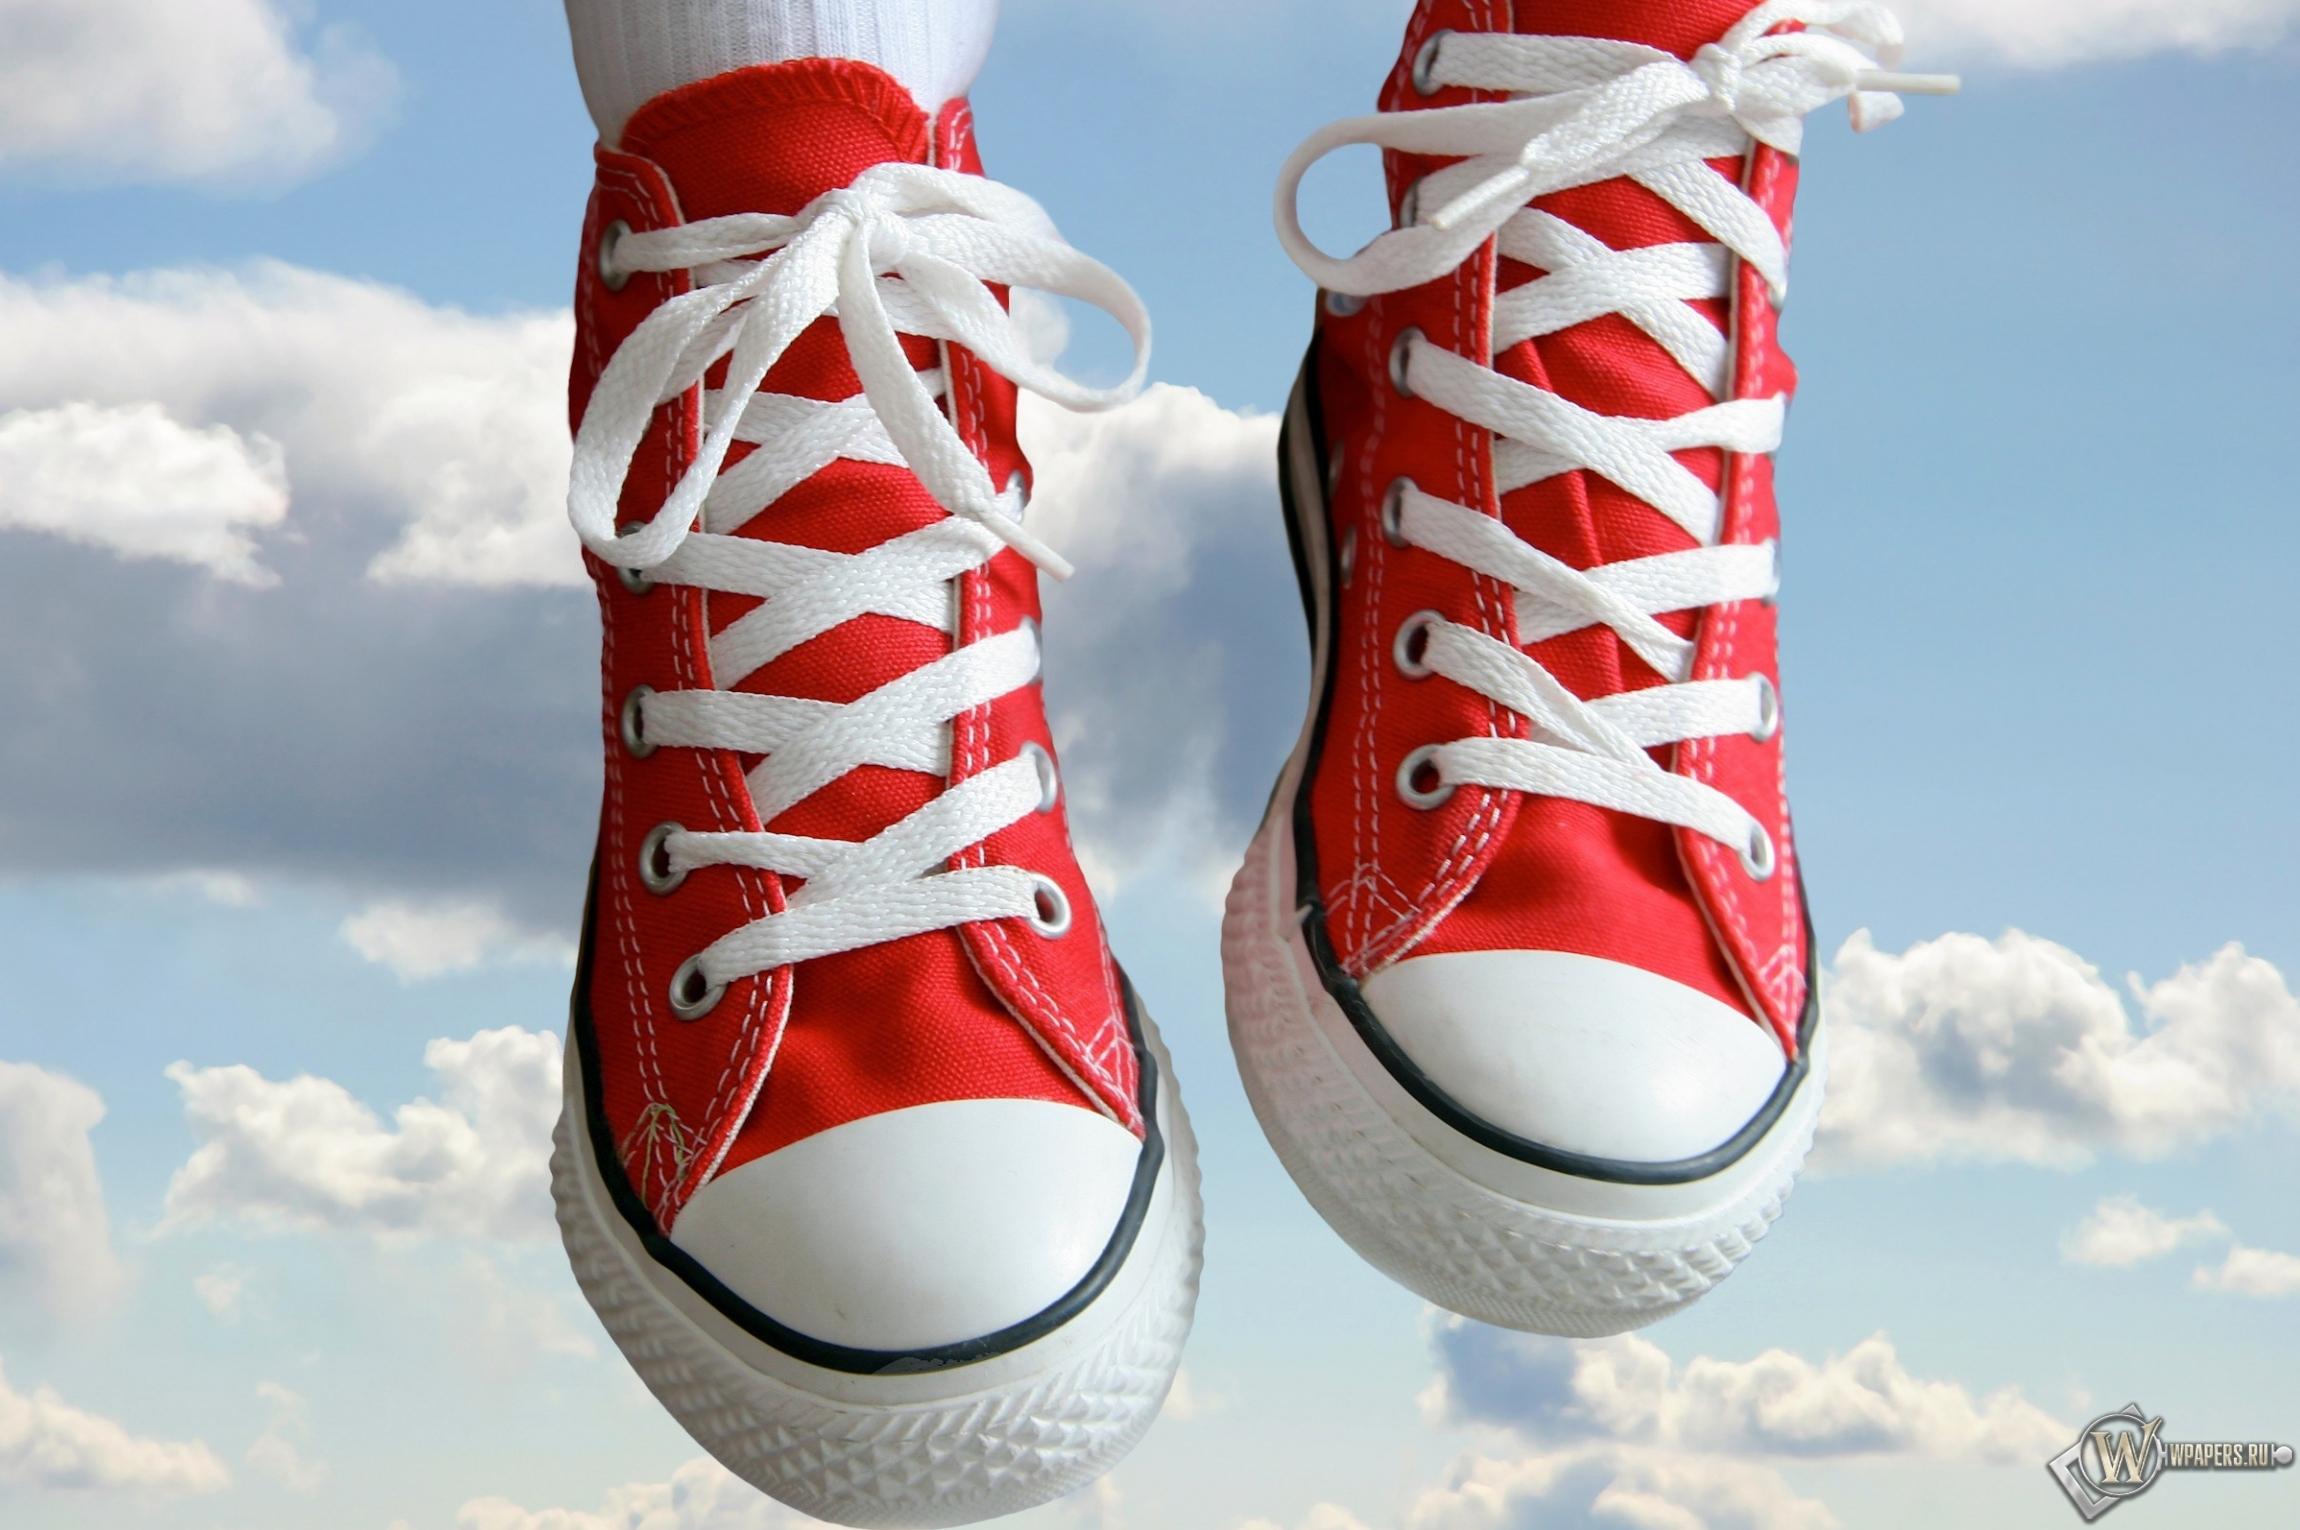 красная обувь  № 1506251 без смс